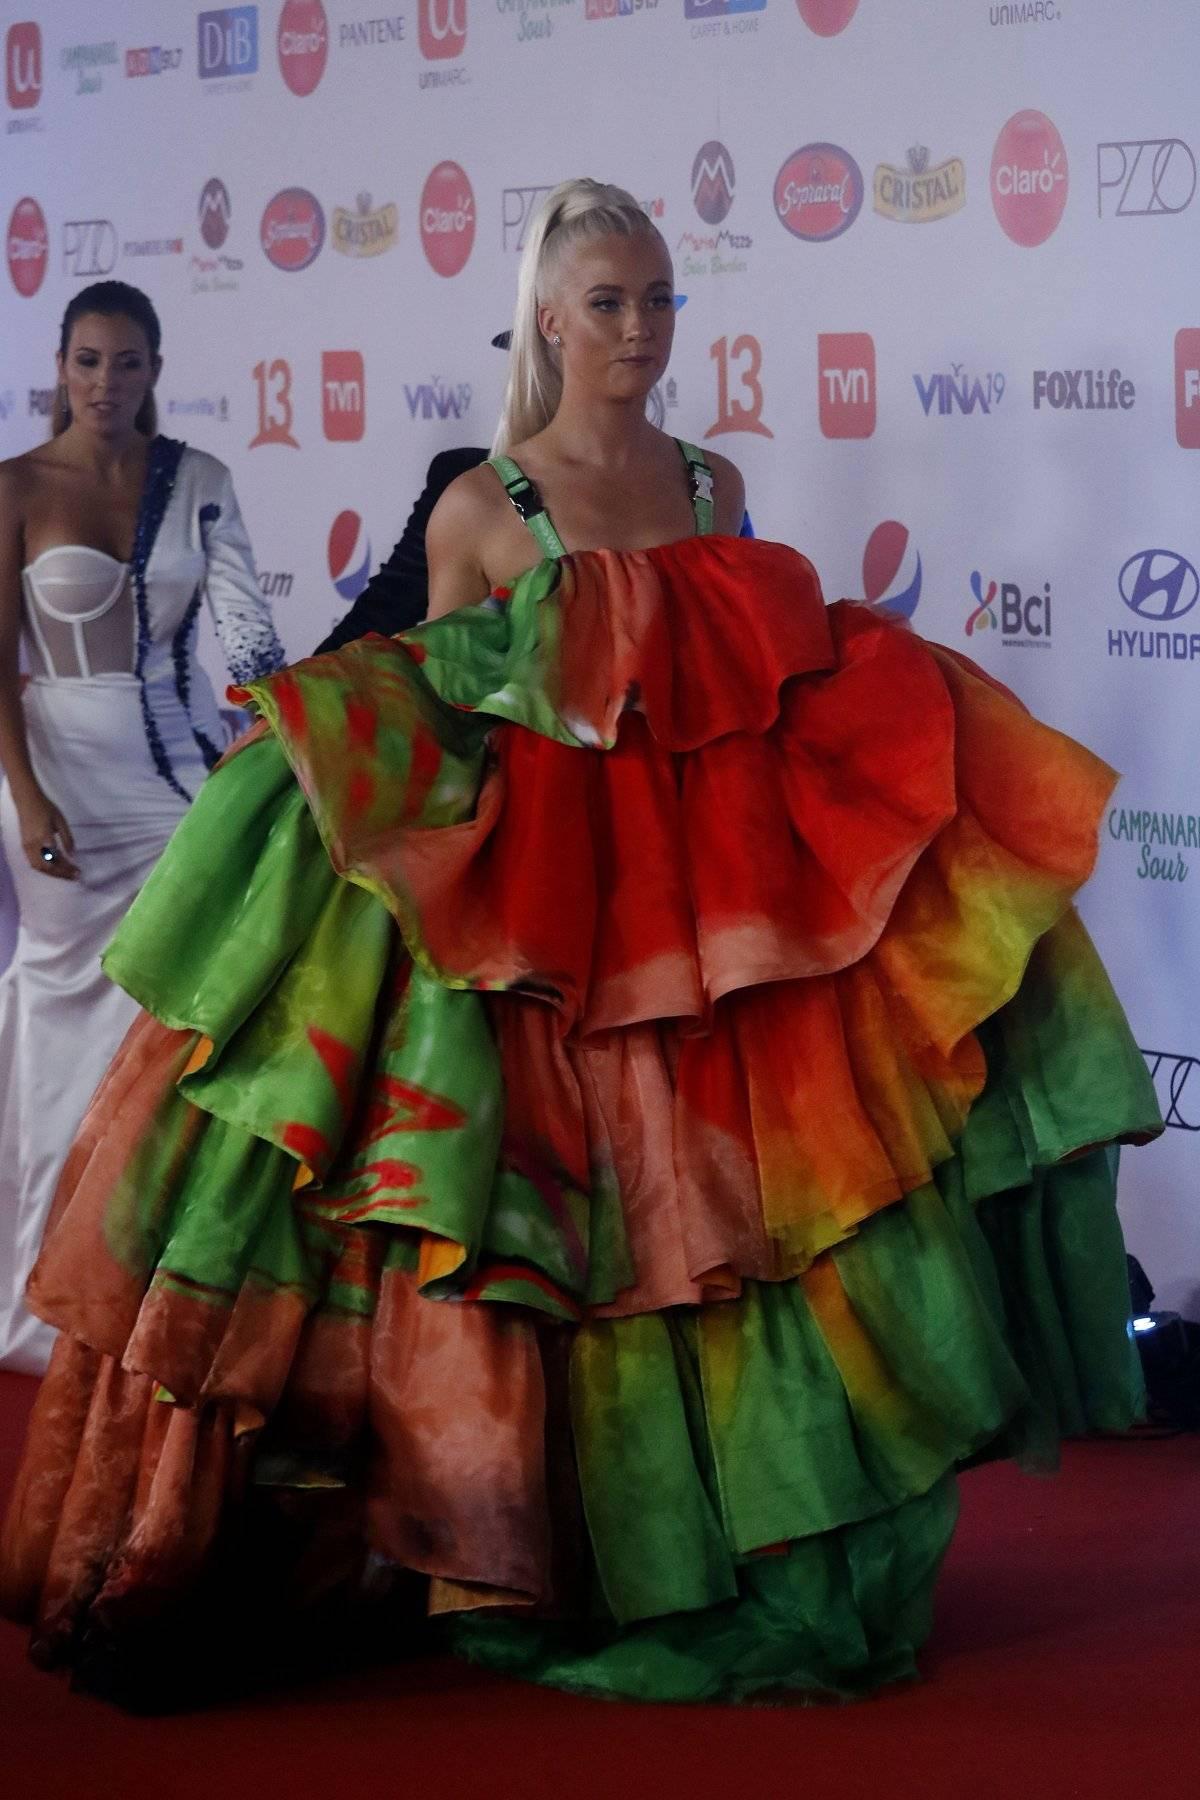 Del Lugg Llamativo De Los La En Vestido Detalles Gala Vesta ikPZTOXu